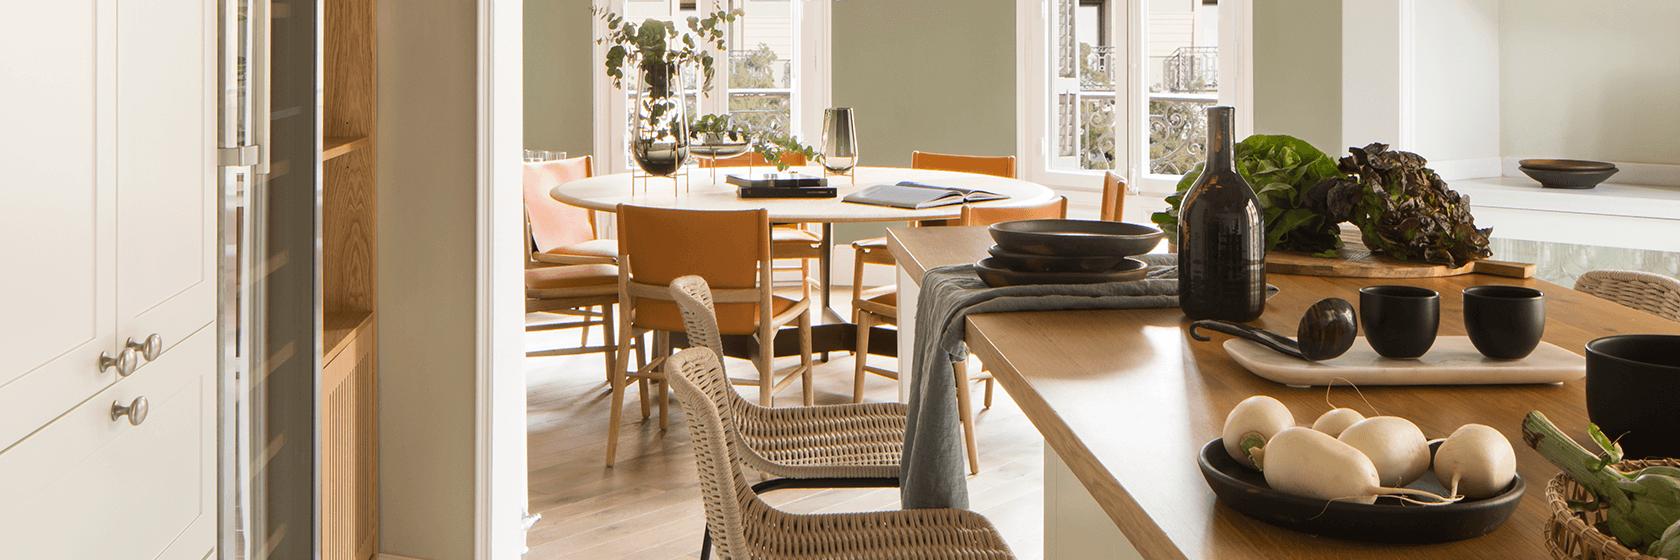 Una cocina con vistas al comedor | The Room Studio